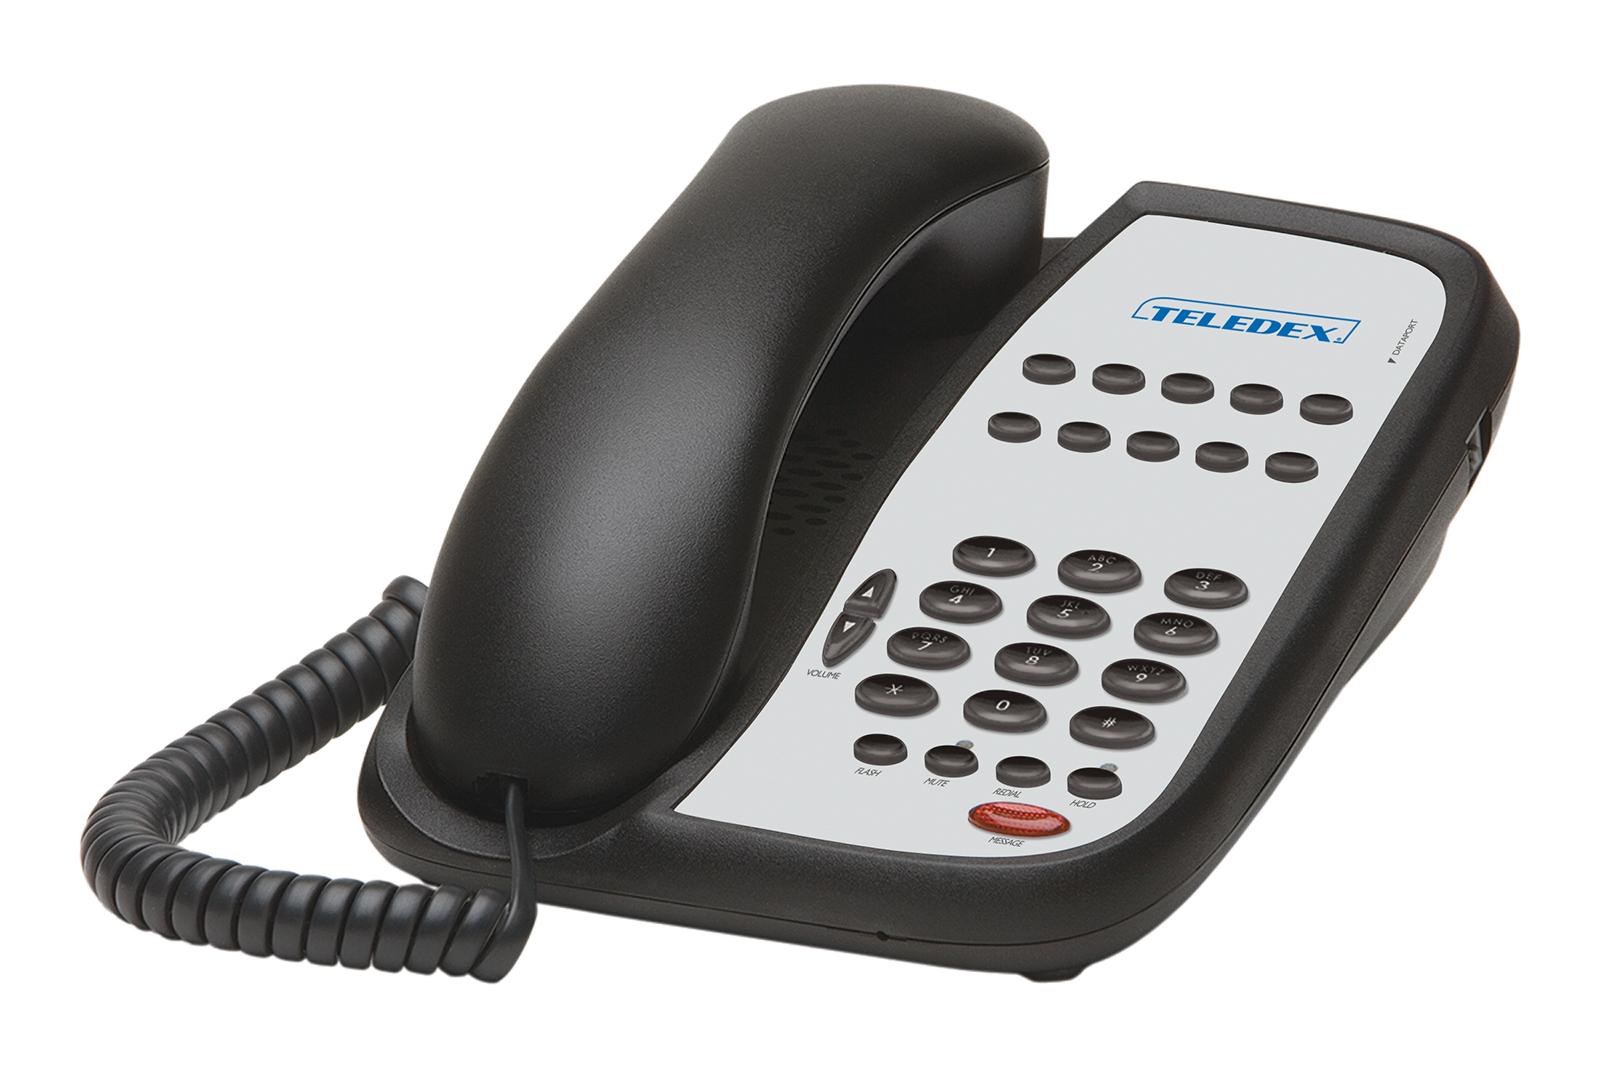 Teledex I Series